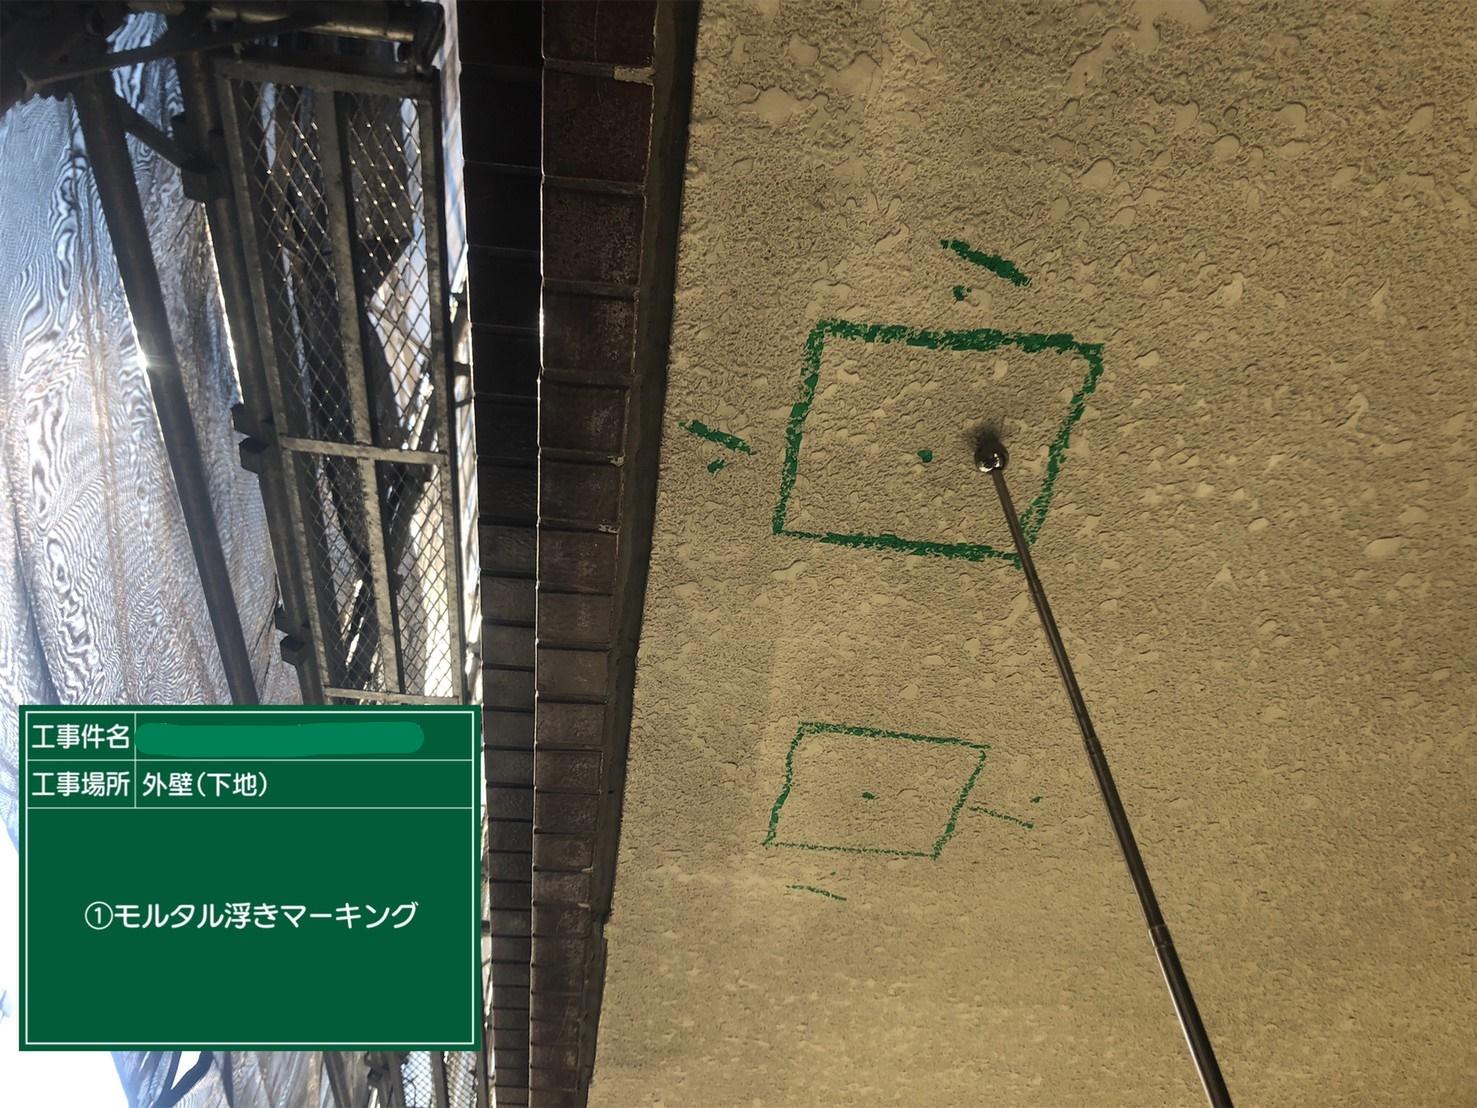 【モルタル浮き】①施工前・マーキング